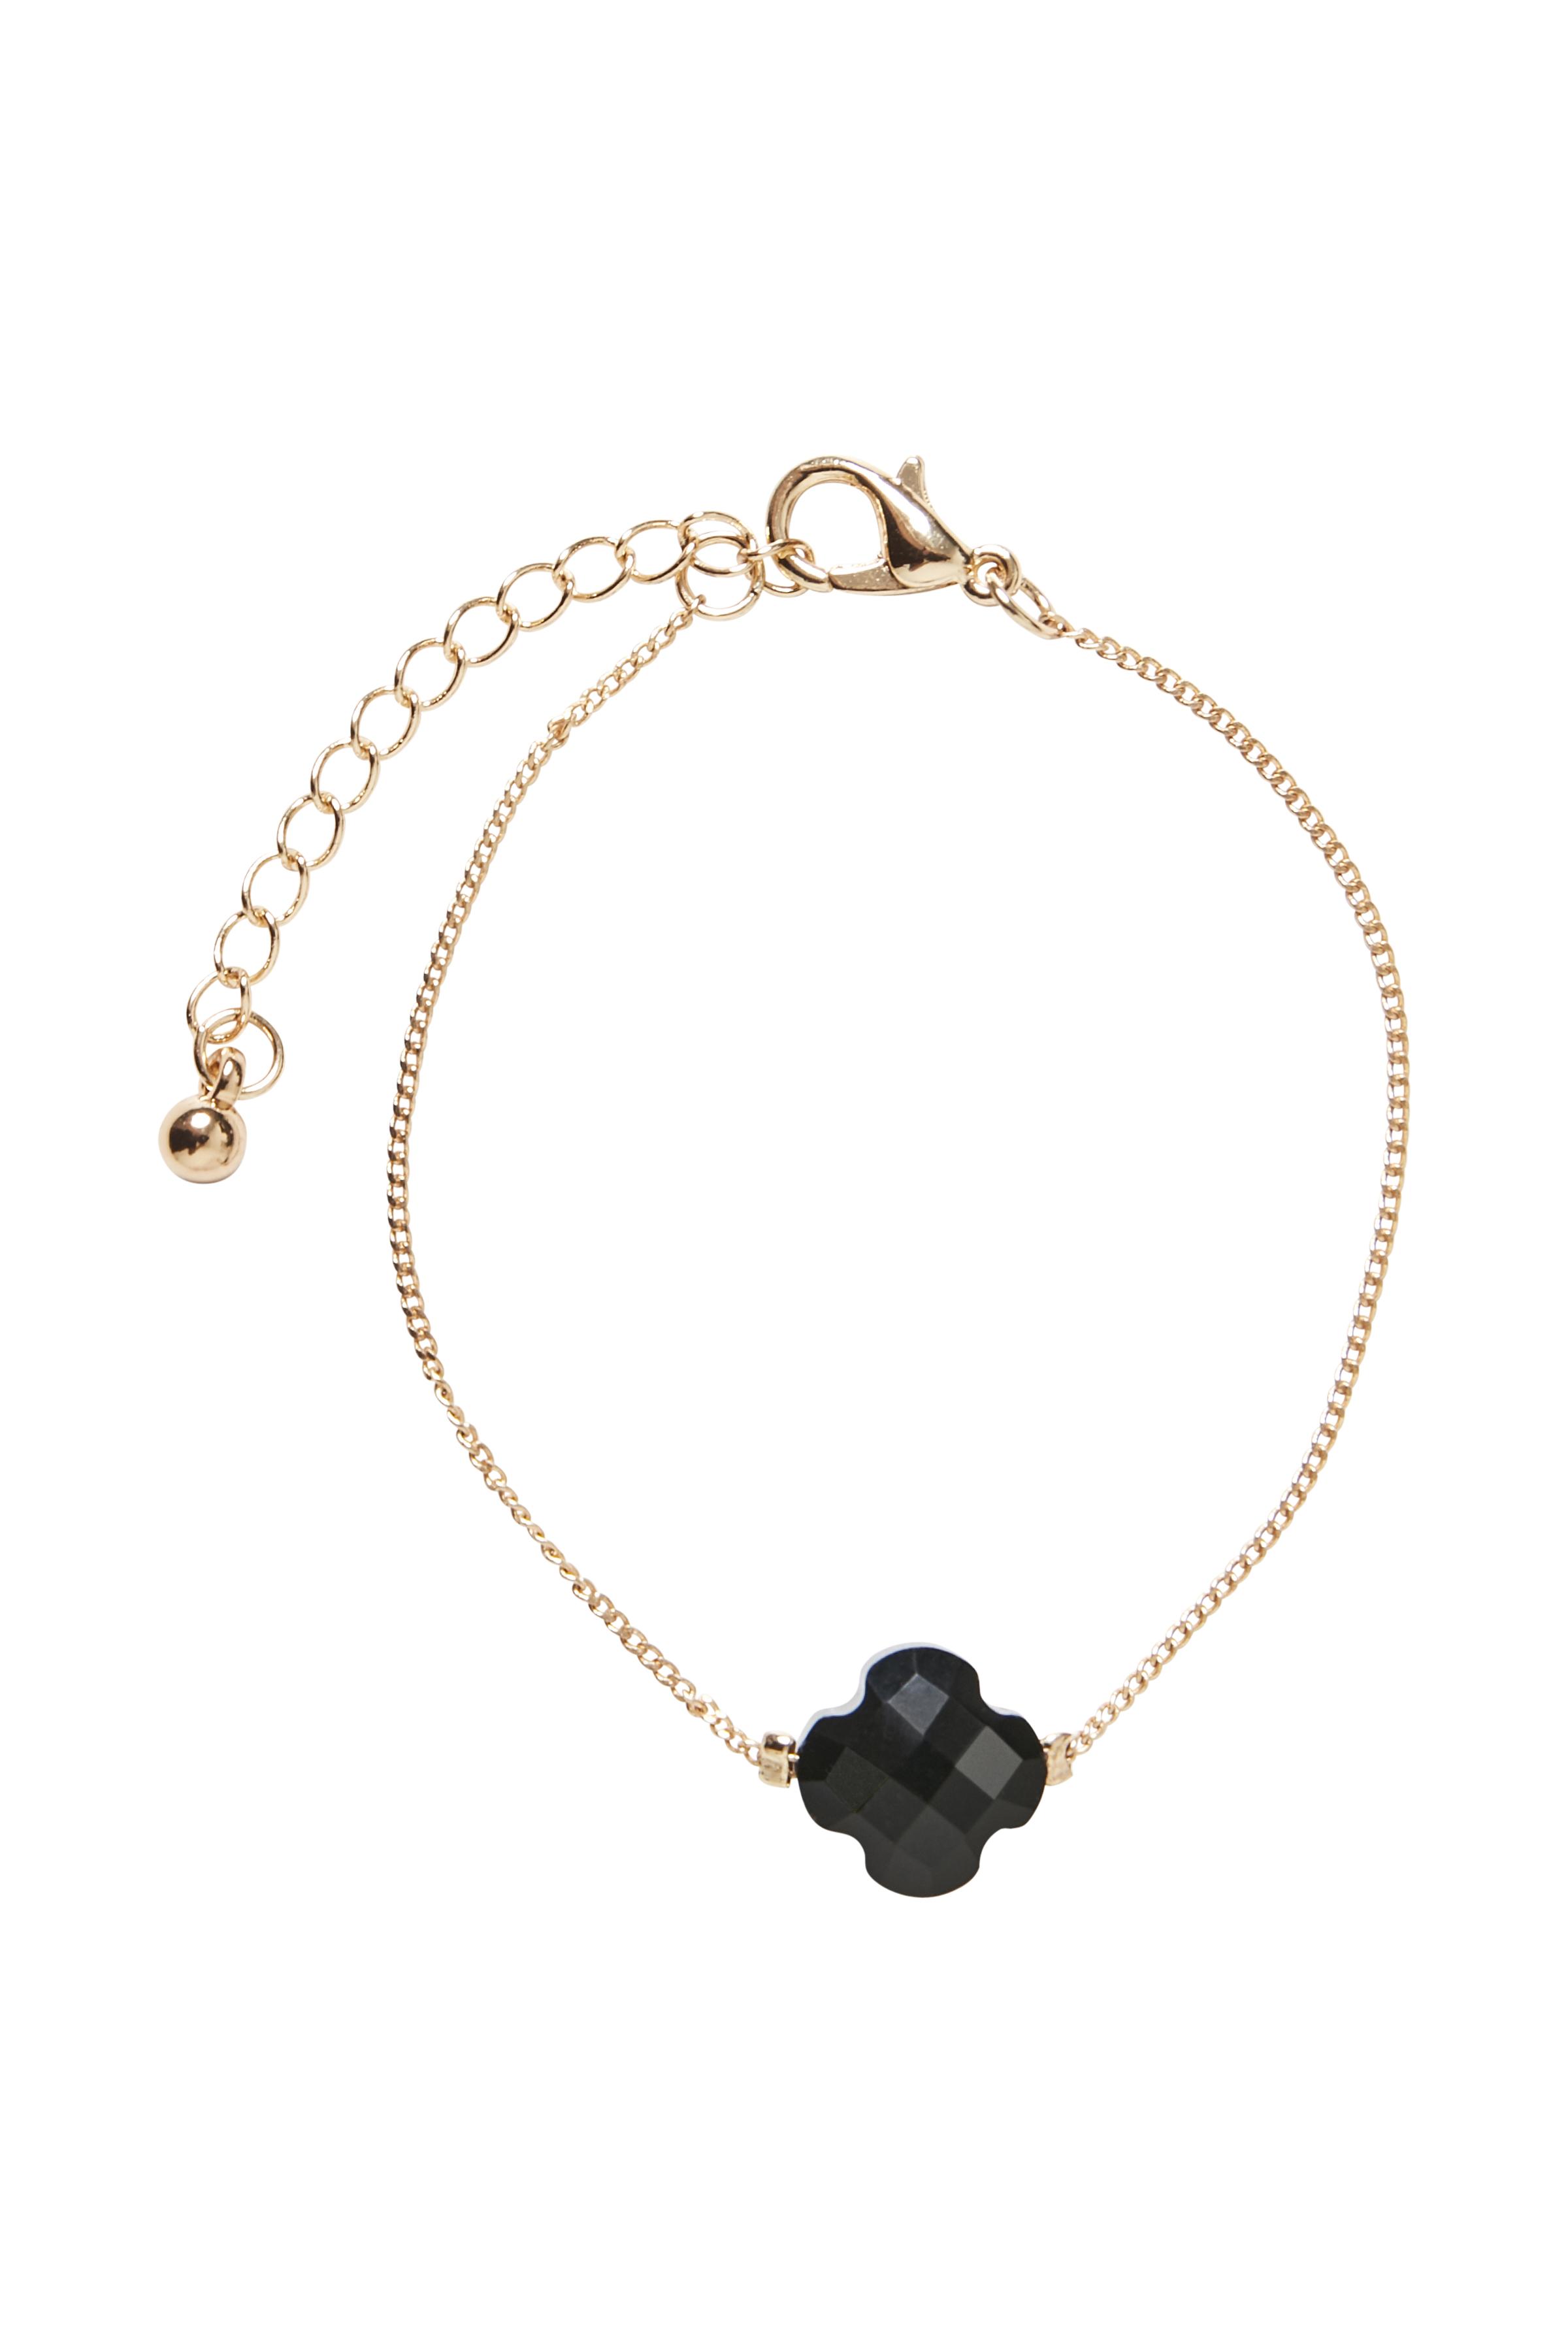 Guld Smykker fra Fransa – Køb Guld Smykker fra str. ONE her